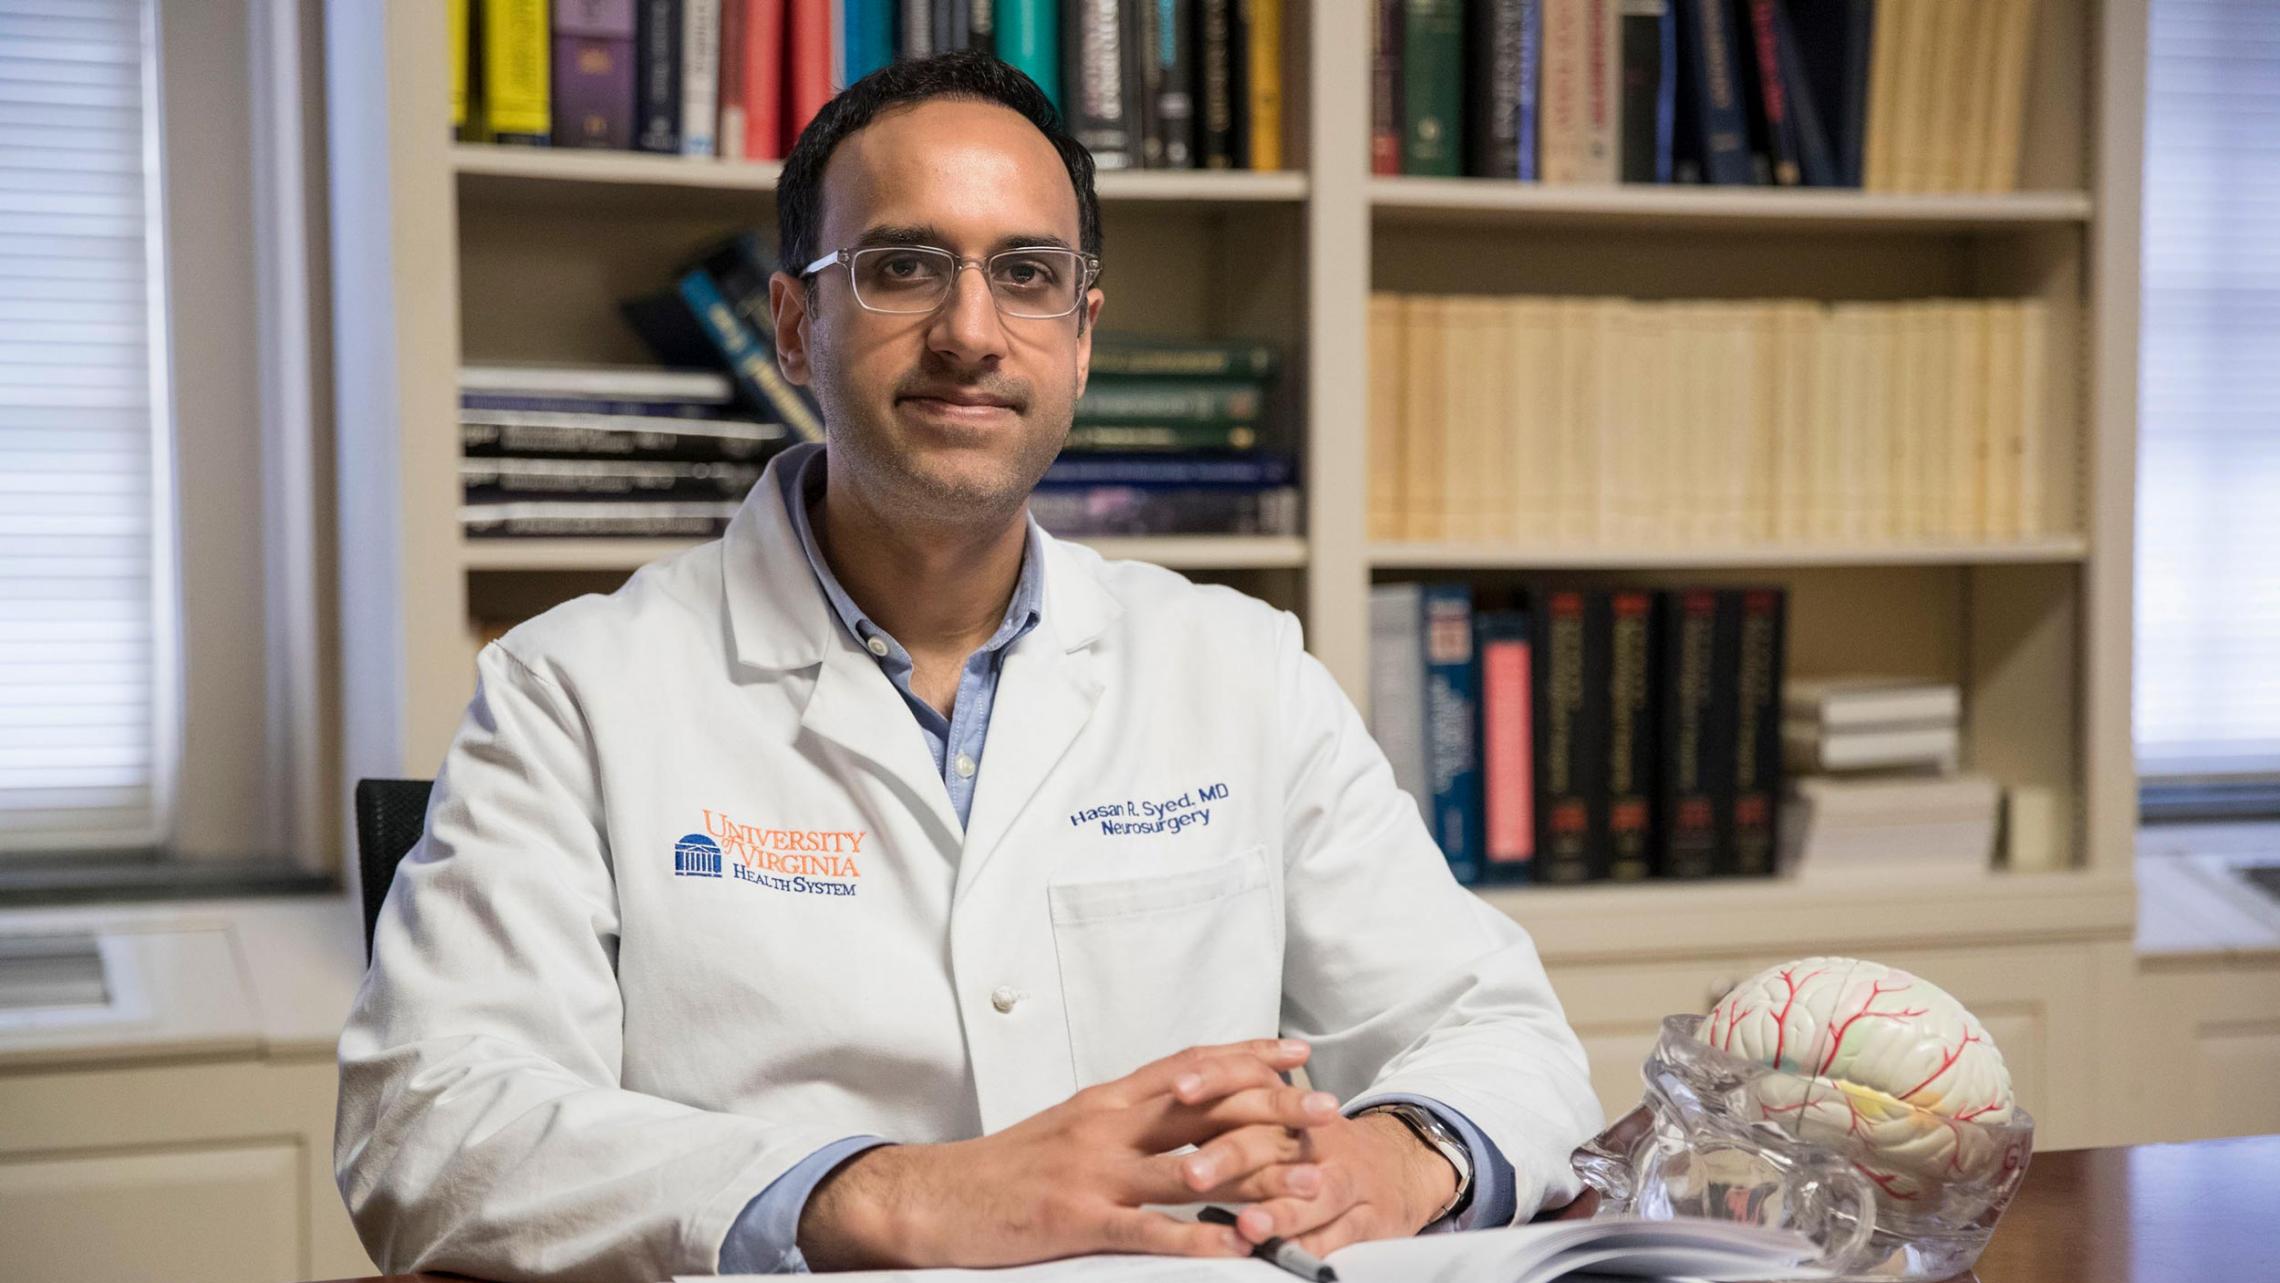 One UVA Neurosurgeon's Quest to Improve Brain Surgery Around the World